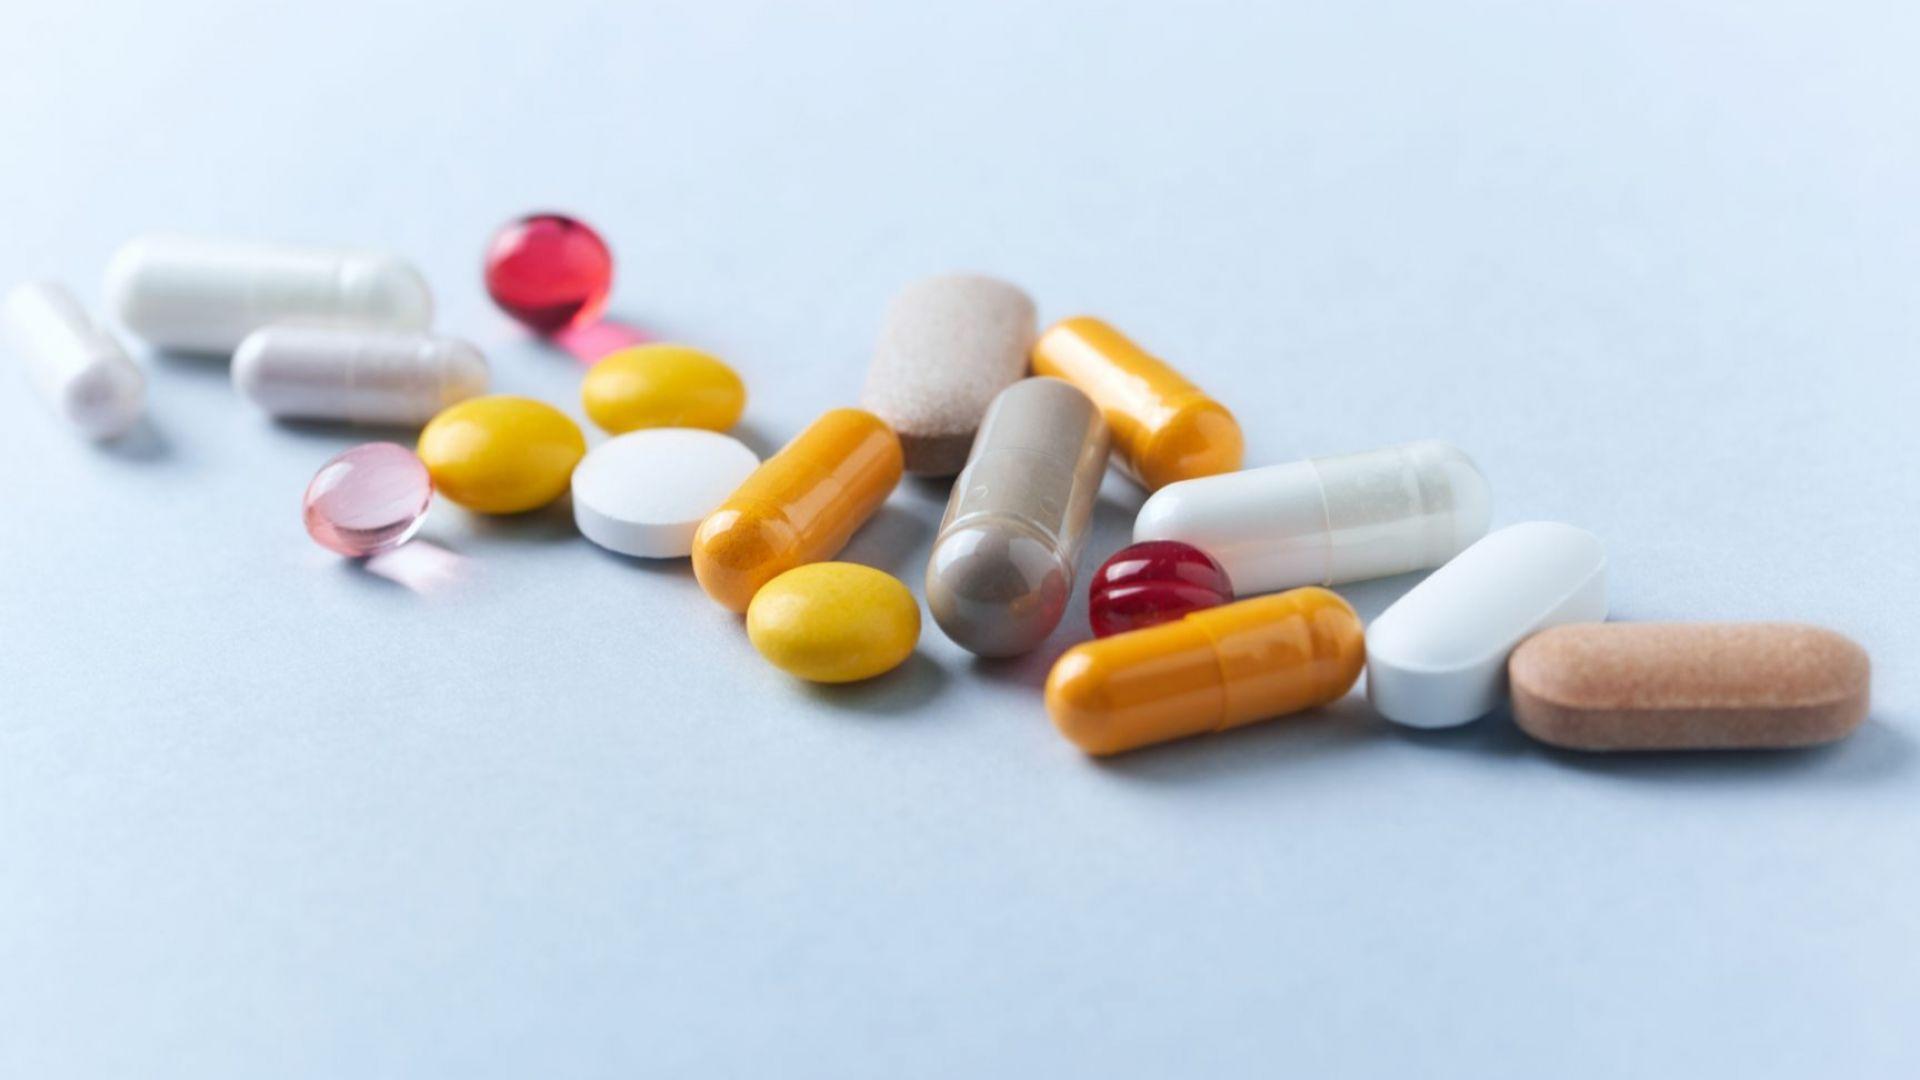 Разделното събиране на лекарства в България e непознато за домакинствата